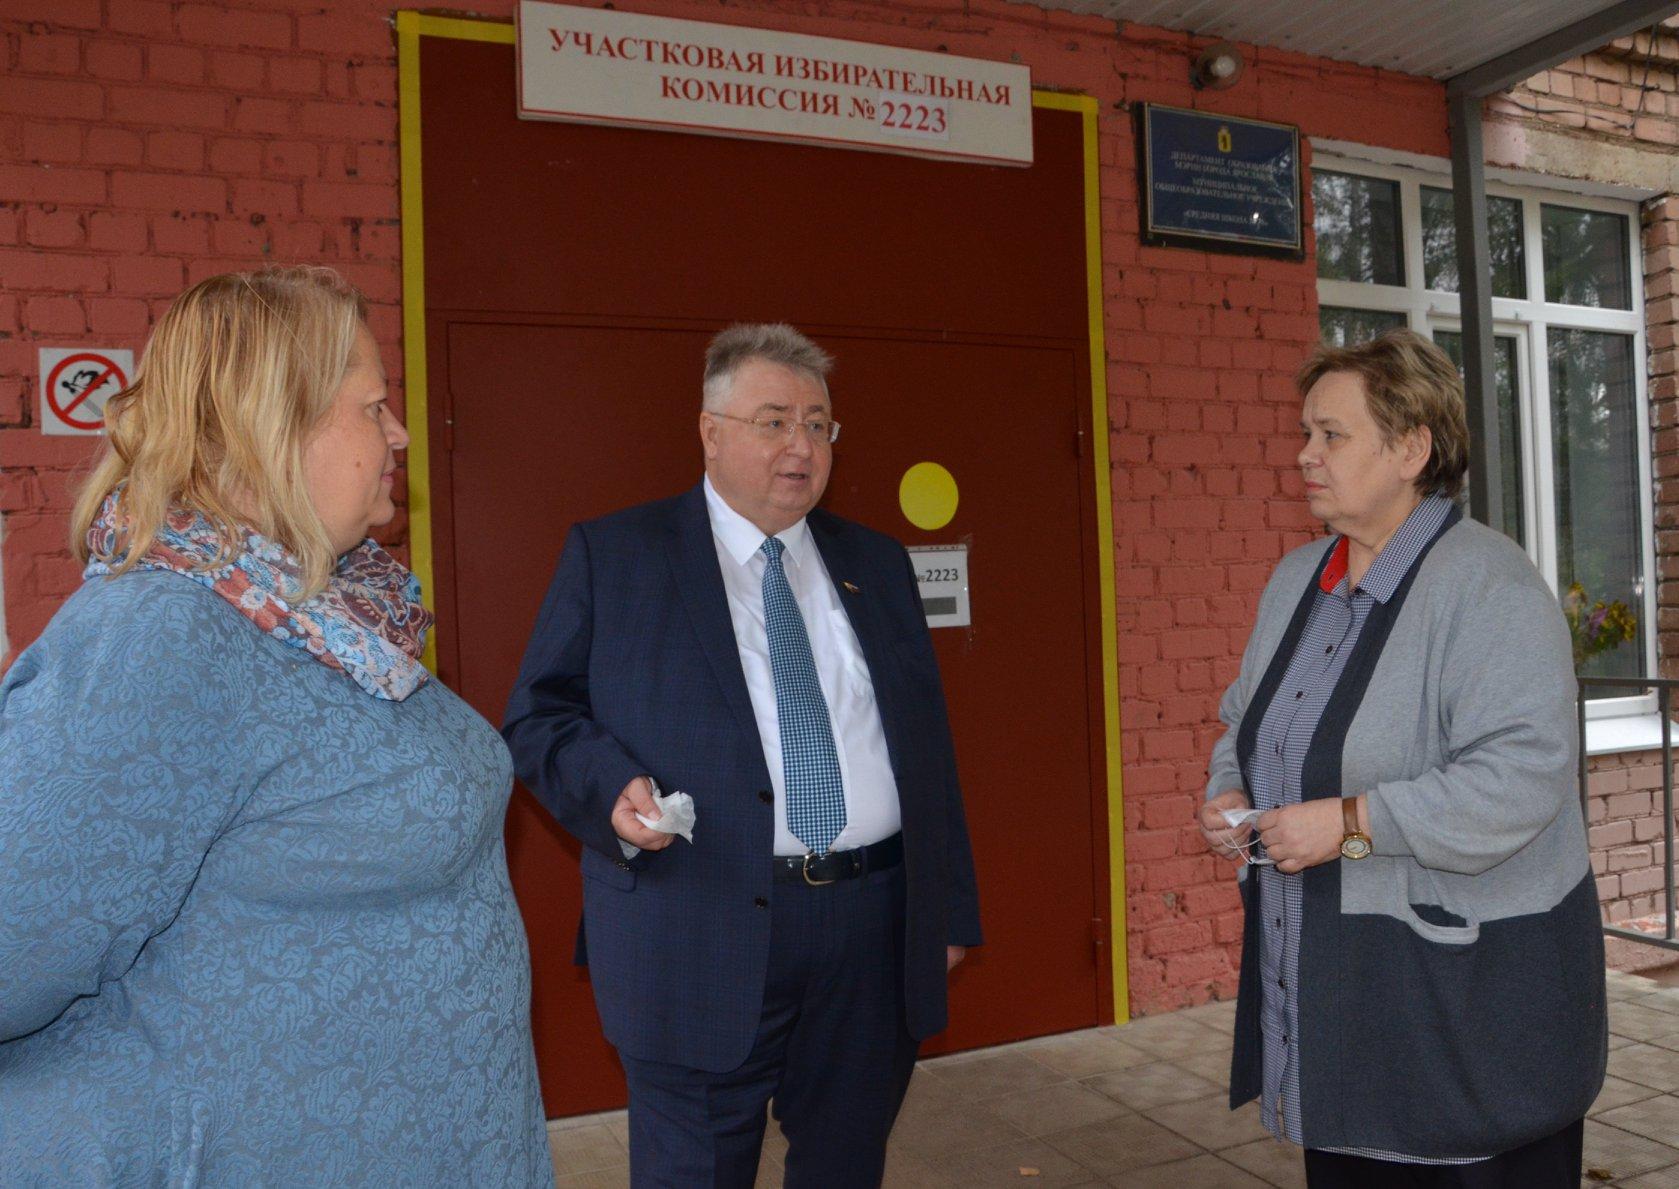 Сергей Якушев проверил условия голосования на участках в школах, которые не остановили учебный процесс